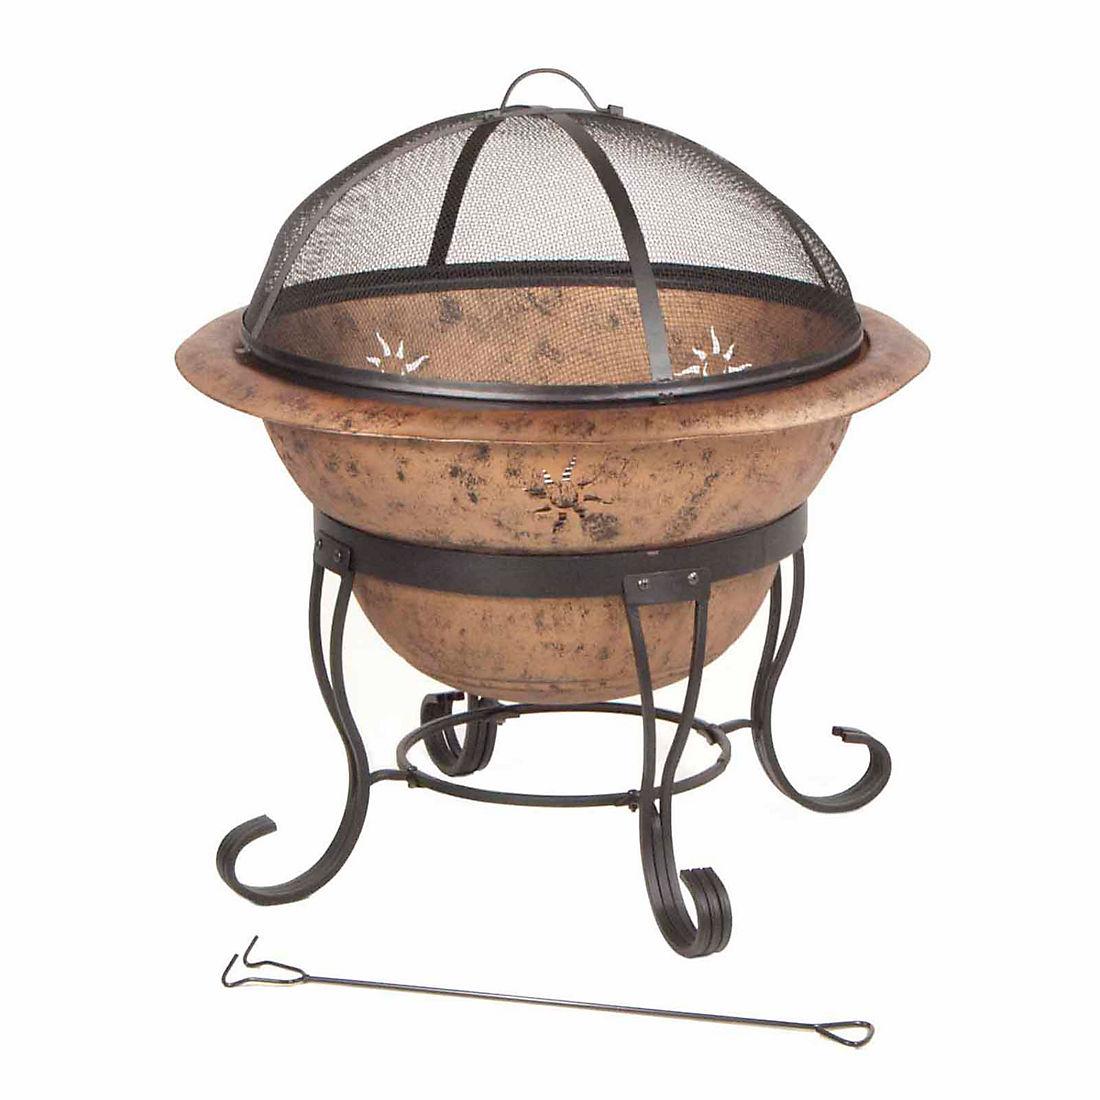 Deckmate Soleil 29 Steel Fire Bowl Antique Copper Bjs Wholesale Club